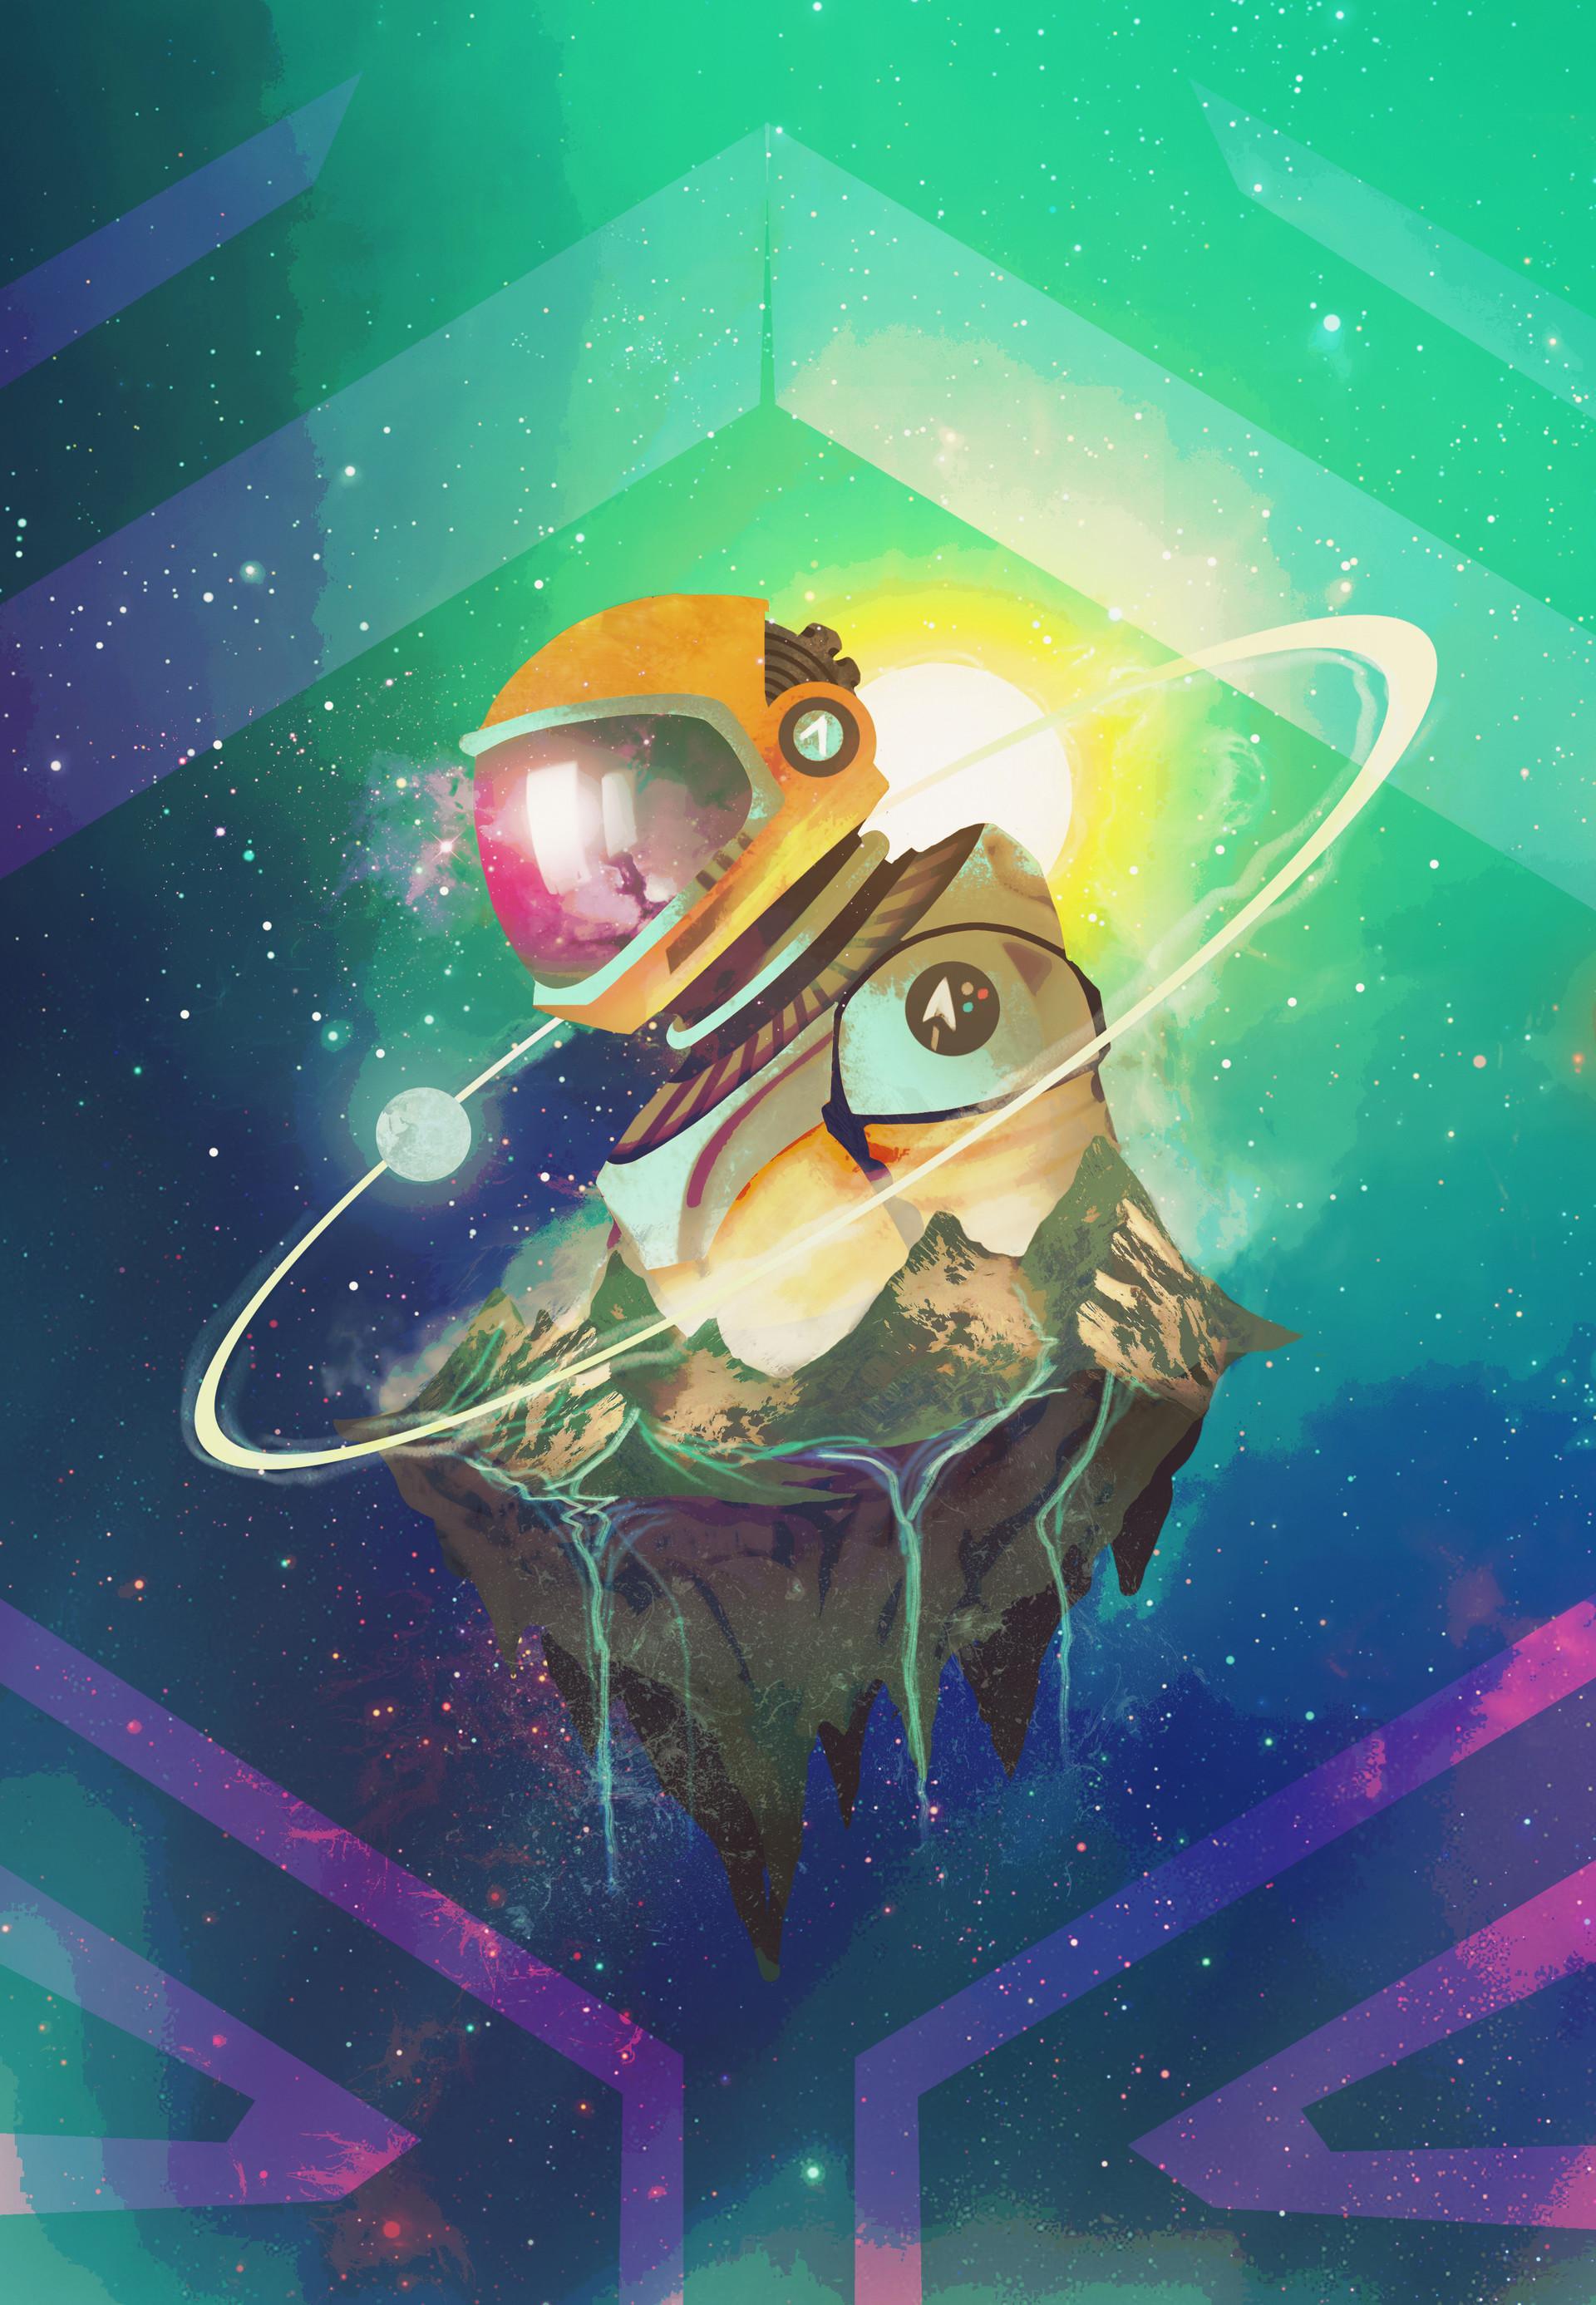 67318 Hintergrundbild 480x800 kostenlos auf deinem Handy, lade Bilder Kunst, Universum, Sterne, Kosmonaut, Kosmonauten, Astronaut 480x800 auf dein Handy herunter